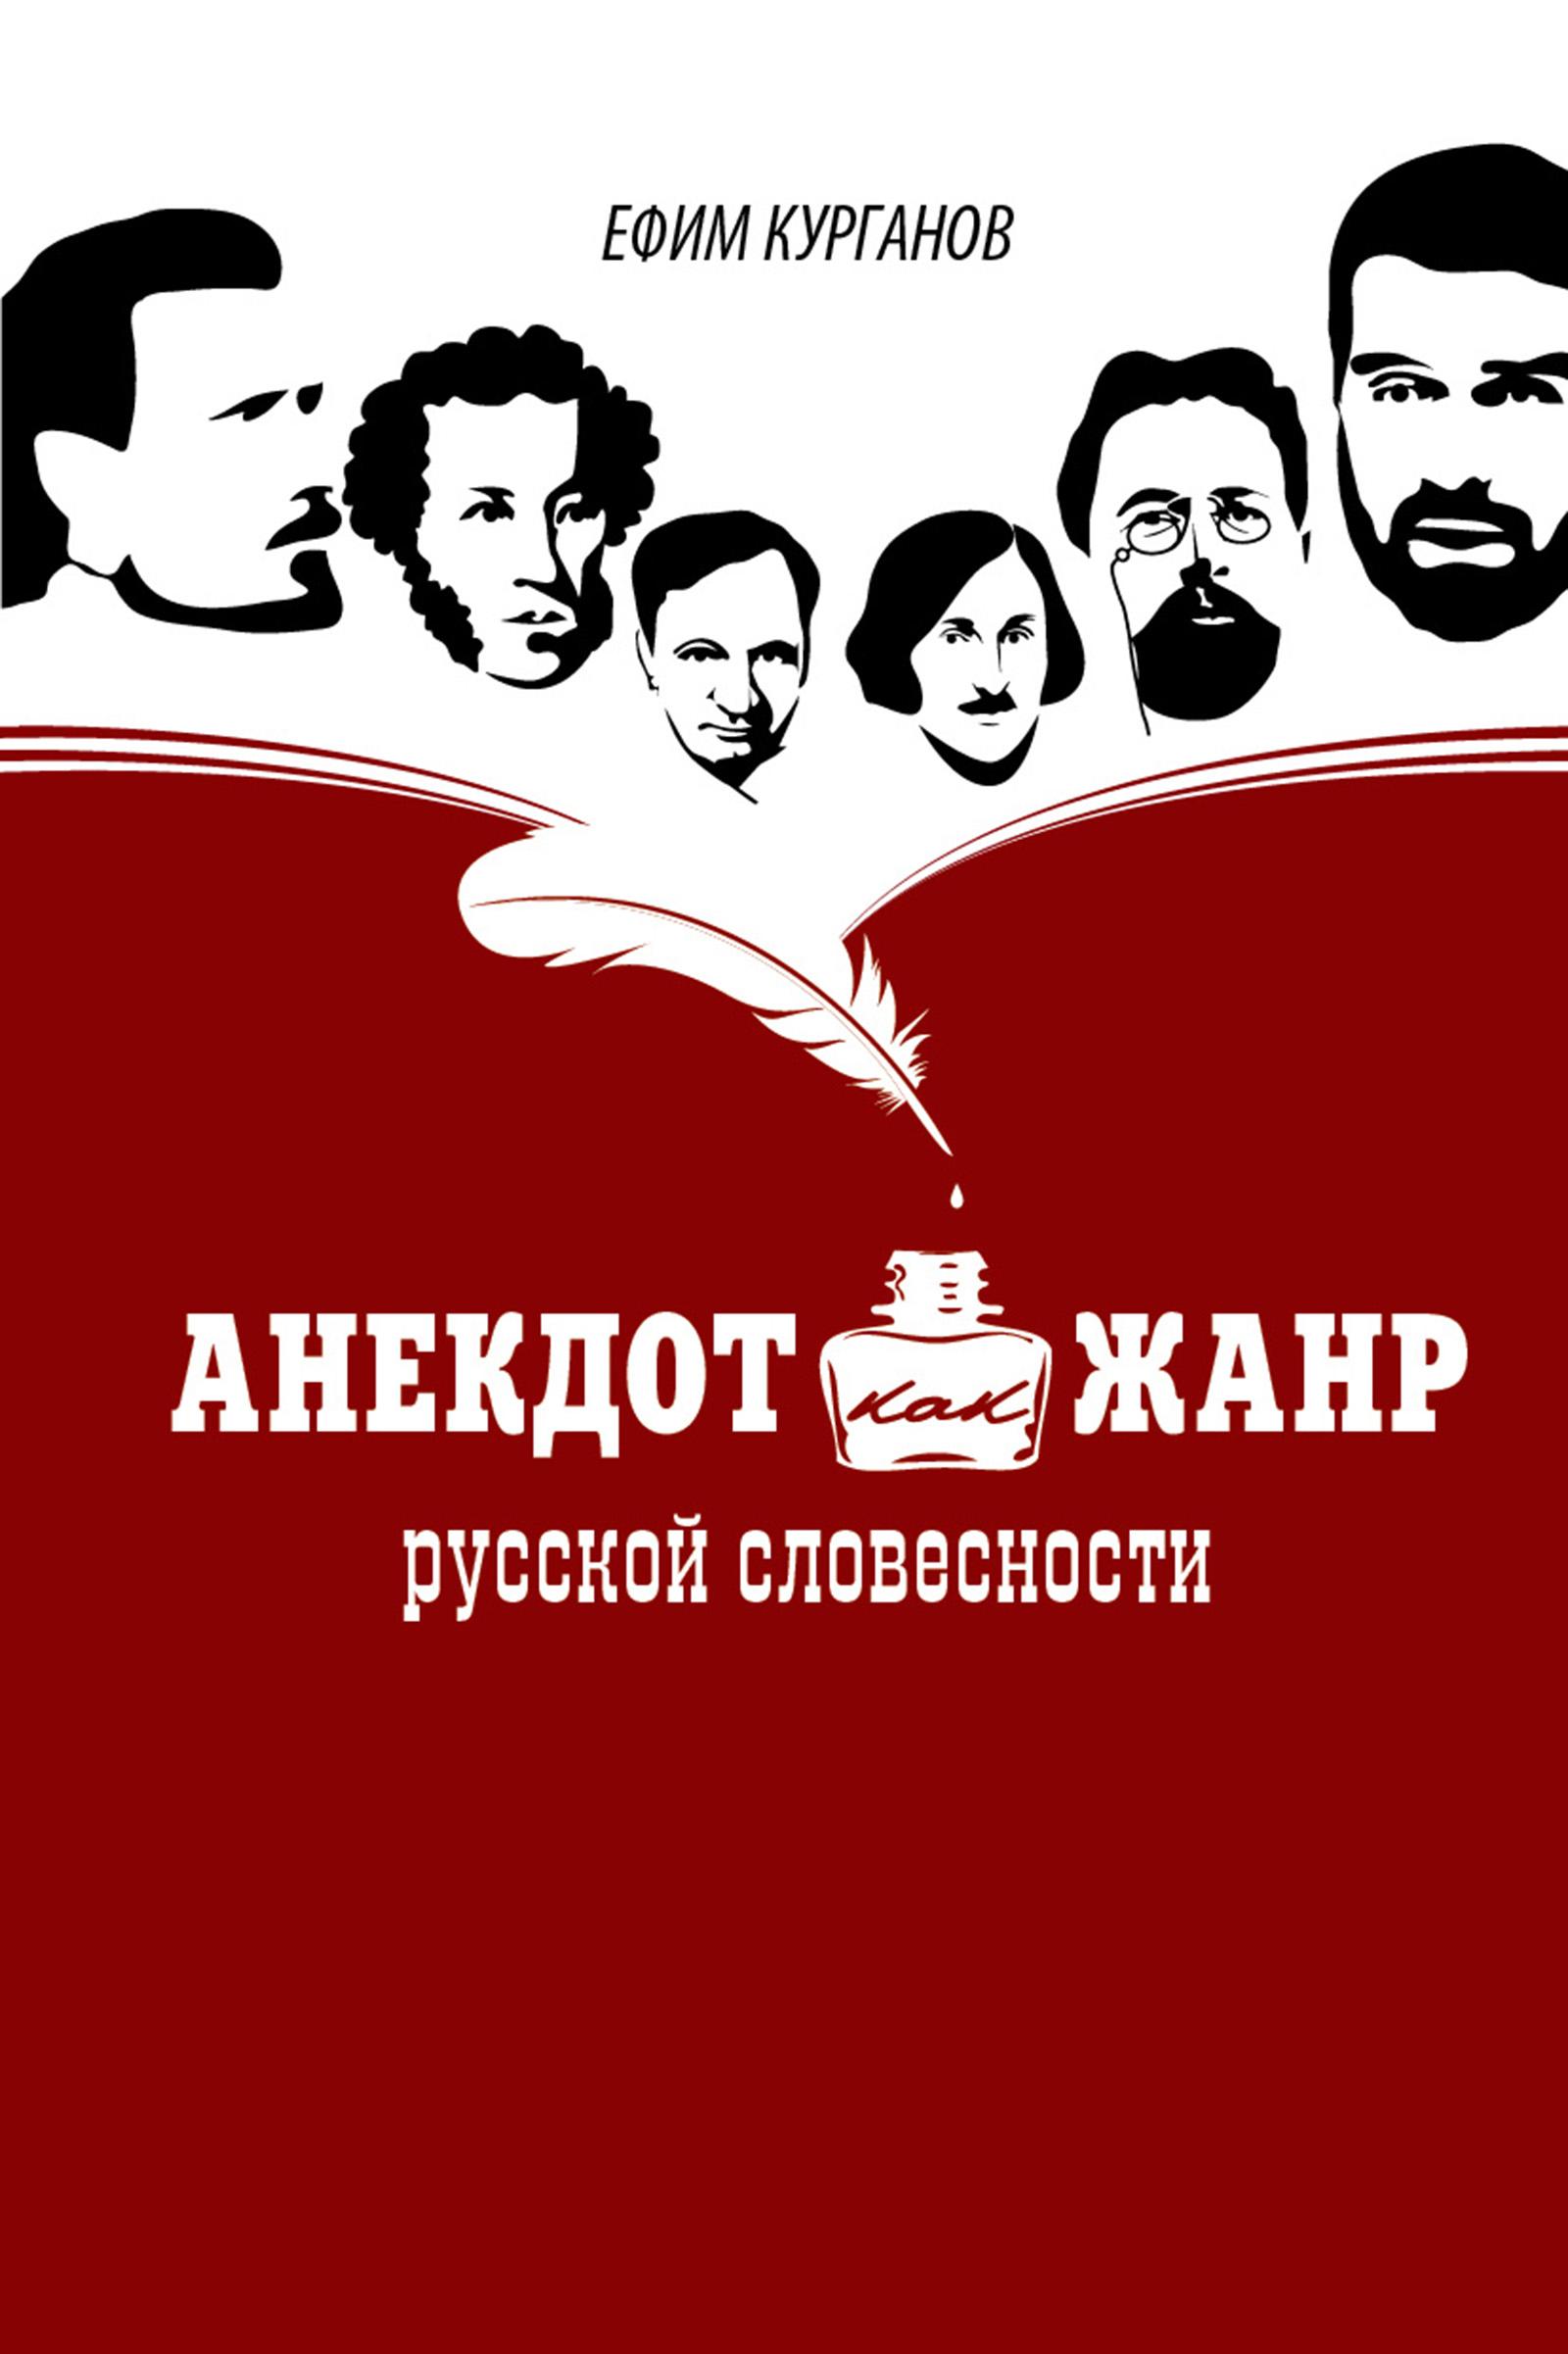 Купить книгу Анекдот как жанр русской словесности, автора Ефима Курганова